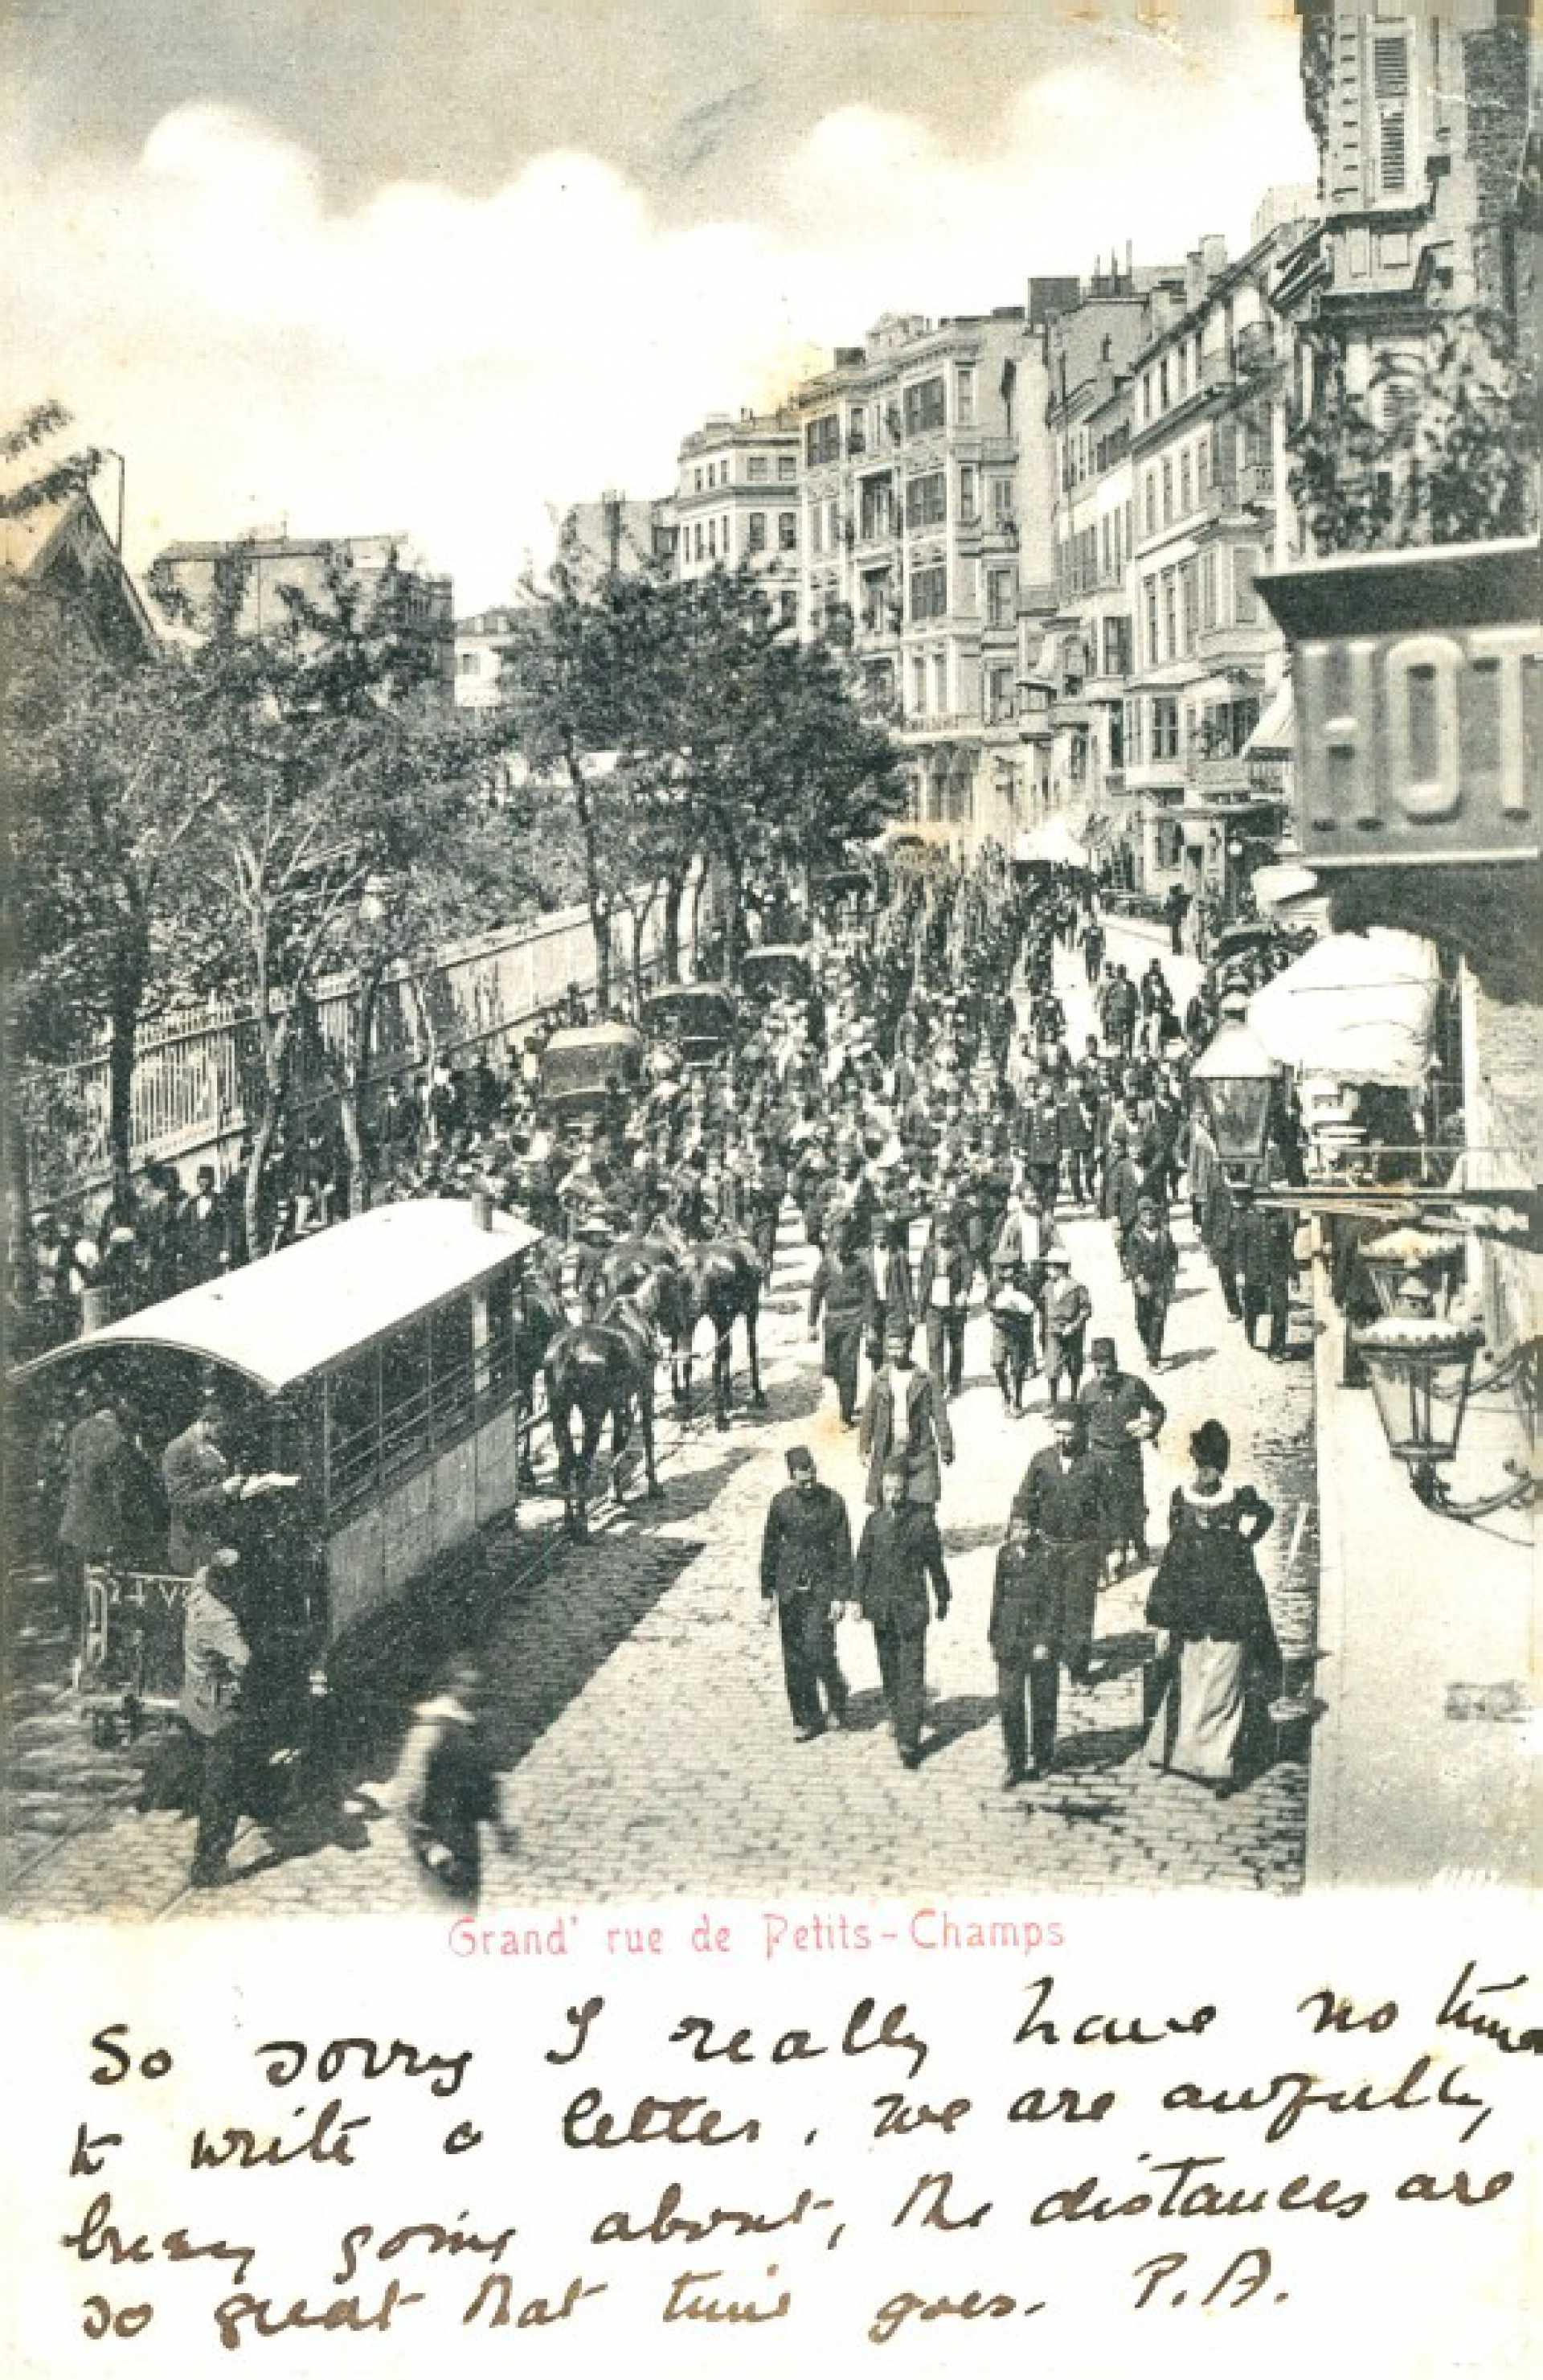 Grand' rue de Petits -Champs